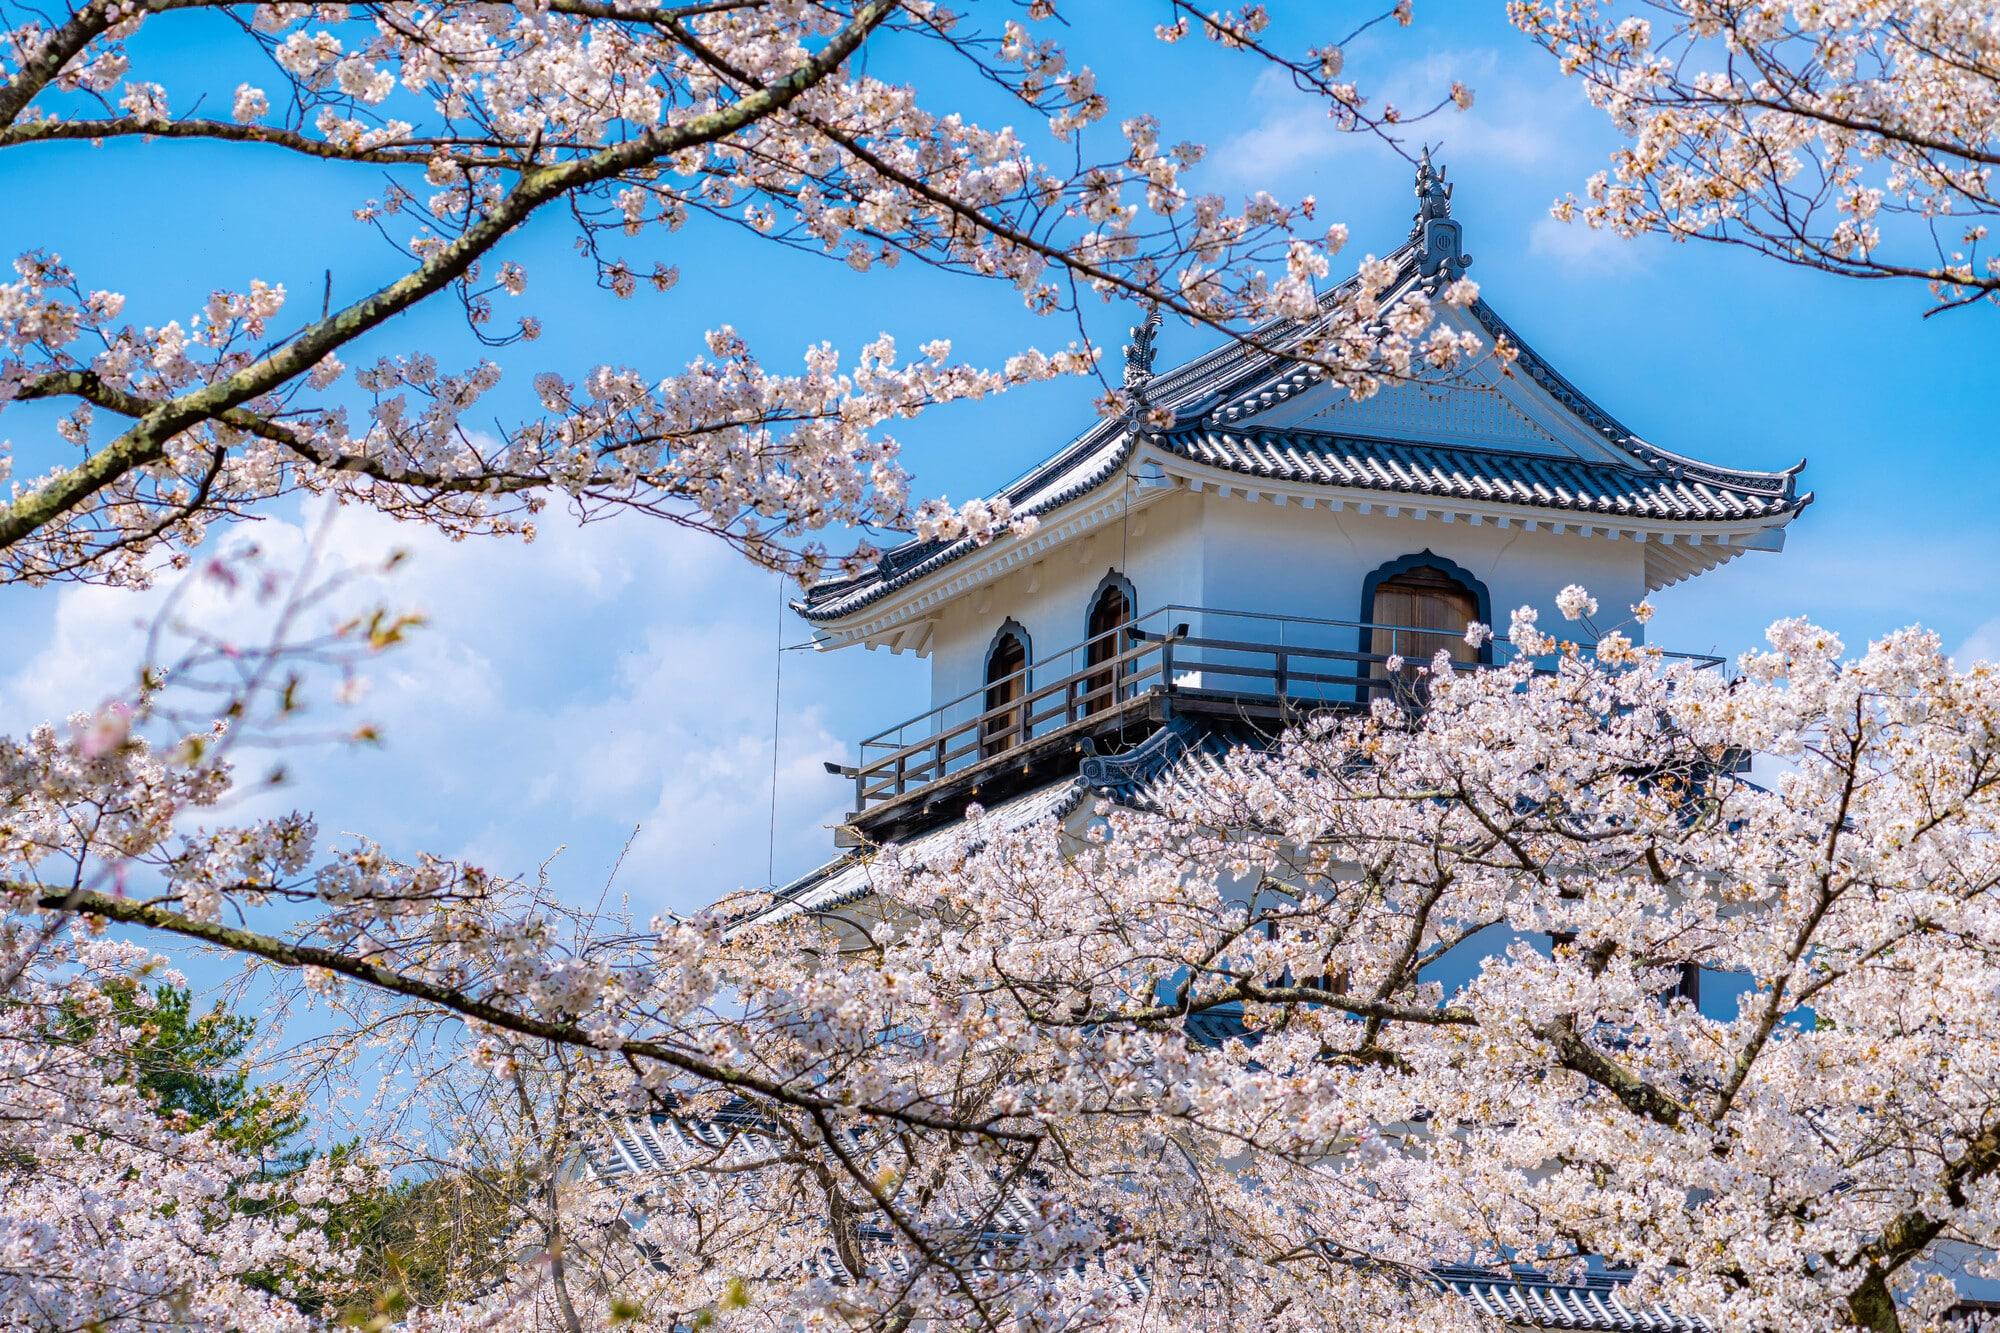 移住に最適!宮城県出身のライターが宮城県の魅力をたっぷりお伝えします|TIME SHARING|タイムシェアリング|スペースマネジメント|あどばる|adval|SHARING